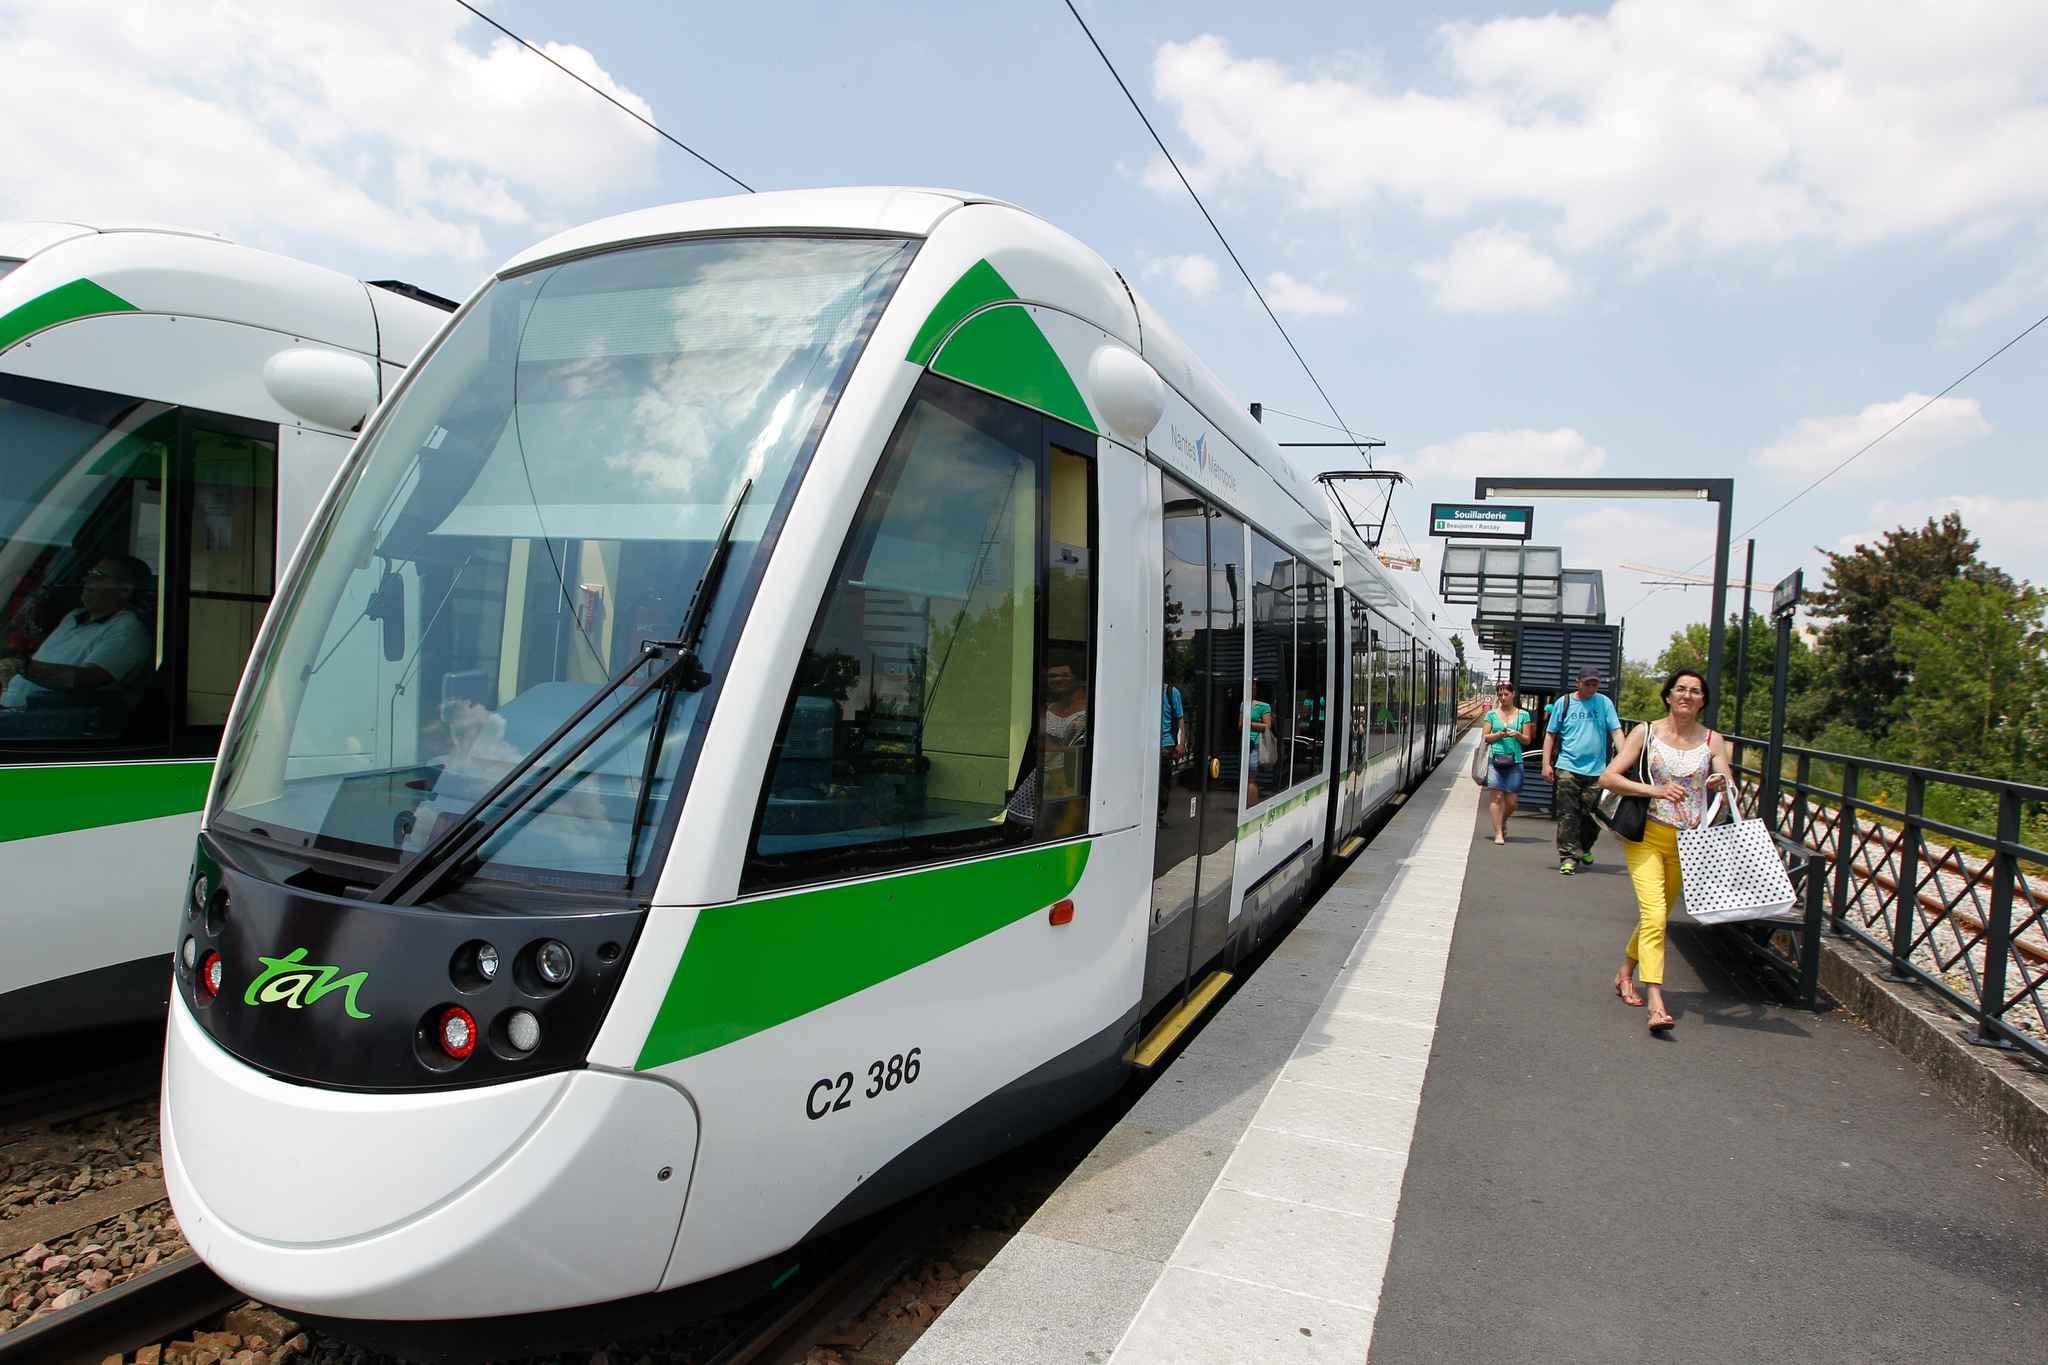 Nantes Un appel  tmoins aprs le grave accident de tram  Souillarderie